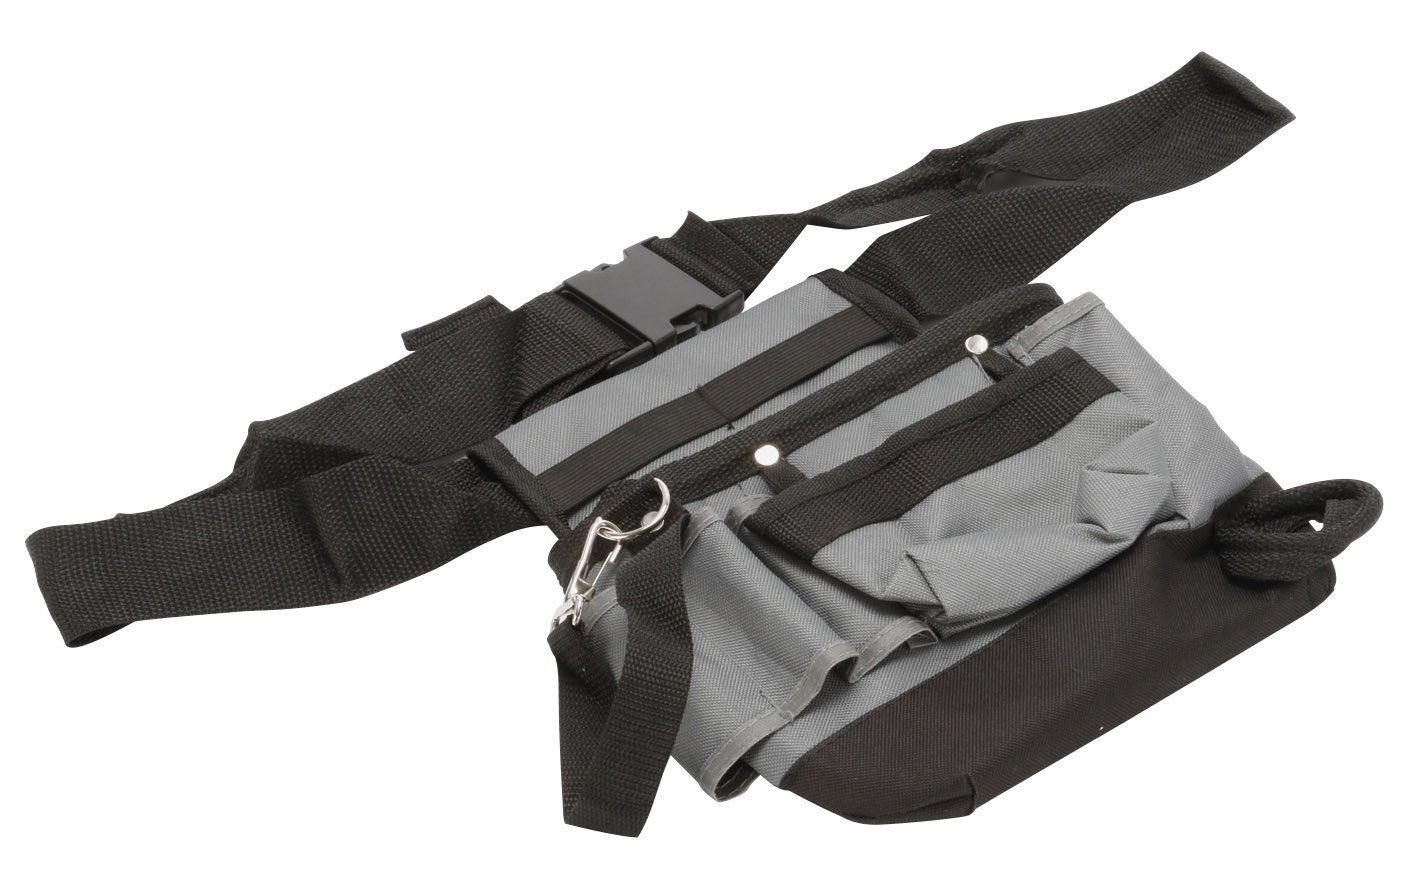 Cogex 63471 - Cinturon portaherramientas